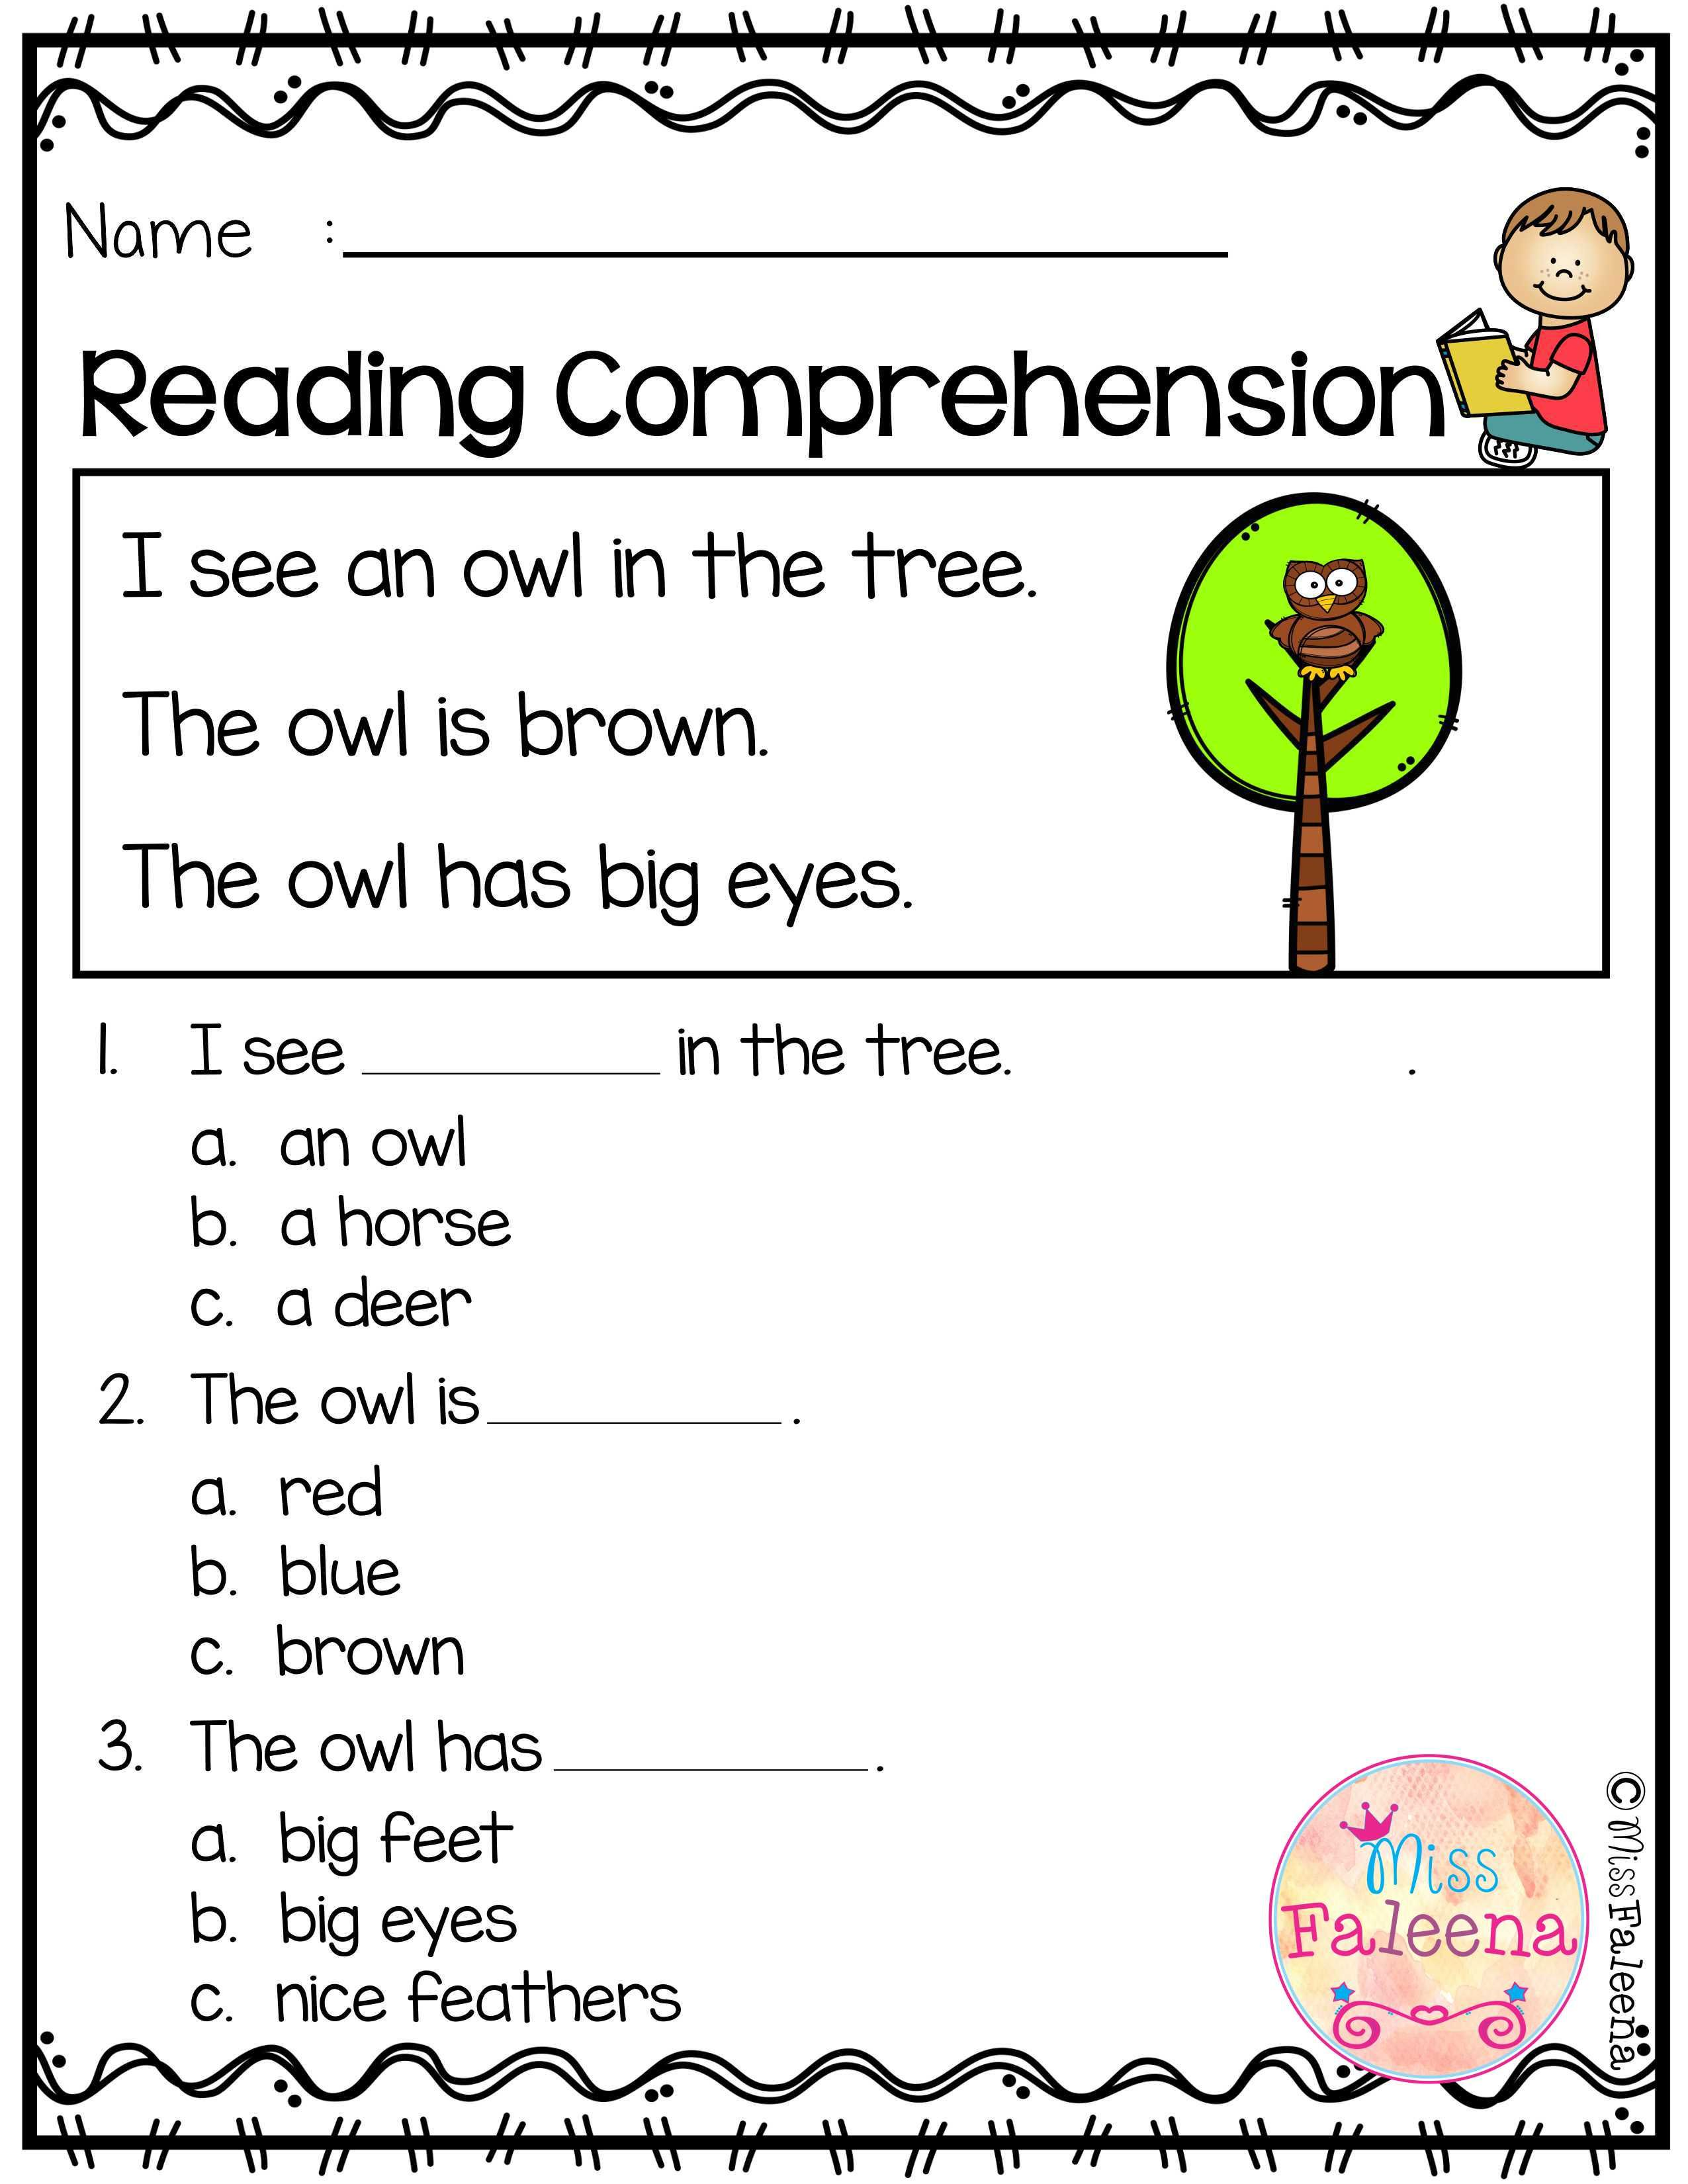 September Reading Comprehension Is Suitable For Kindergarten Students Reading Comprehension Reading Comprehension Kindergarten Reading Comprehension Worksheets [ 3301 x 2551 Pixel ]